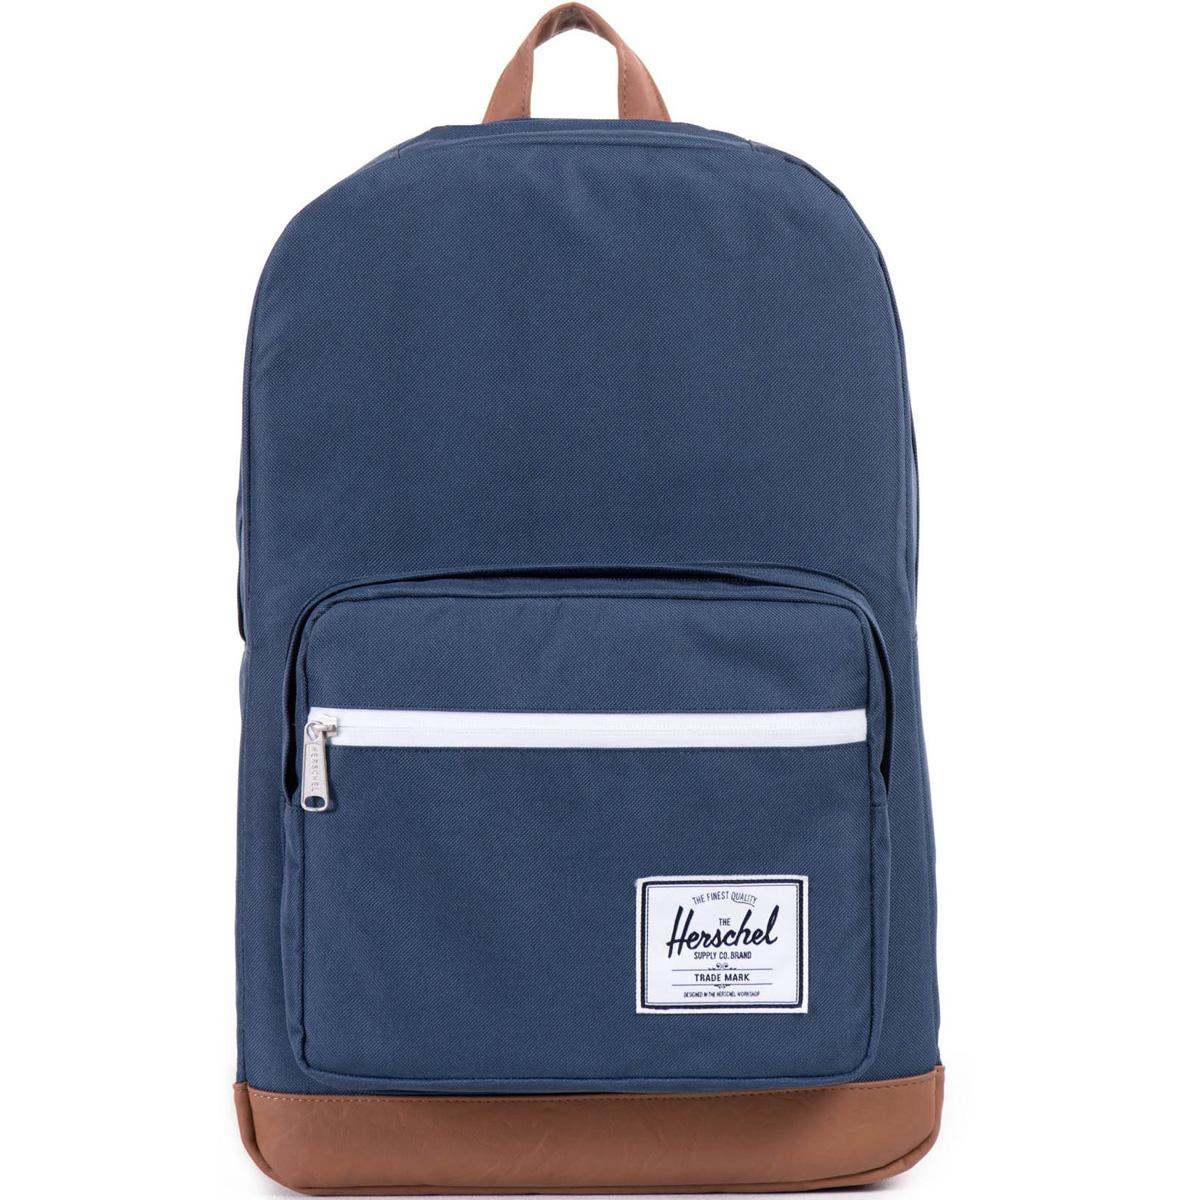 Рюкзак городской Herschel Pop Quiz (A/S), цвет: синий, светло-коричневый. 828432005666828432005666Рюкзак Herschel Pop Quiz универсальный рюкзак для школы и работы с широким спектром карманов и органайзера. Основное отделение закрывается на застежку-молнию. Внешняя сторона дополнена накладным карманом на застежке-молнии. Лямки регулируются, что позволяет менять положение рюкзака на спине.